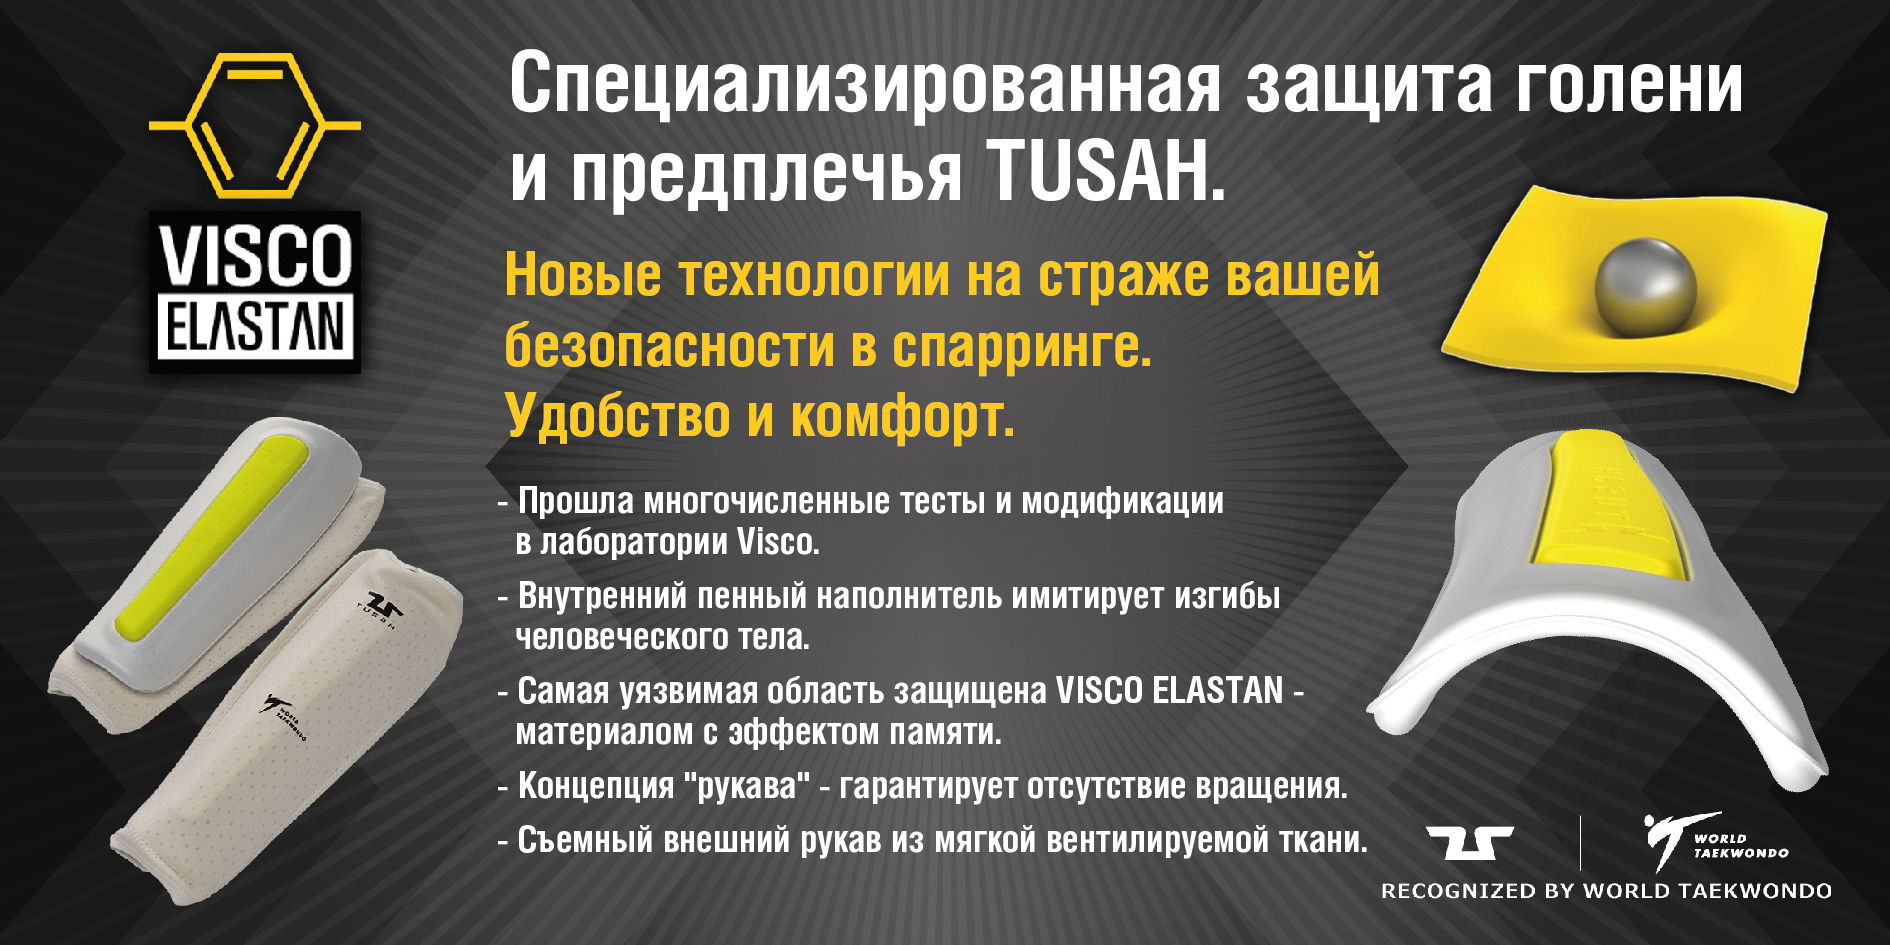 Защита рук и ног Tusah специализированная